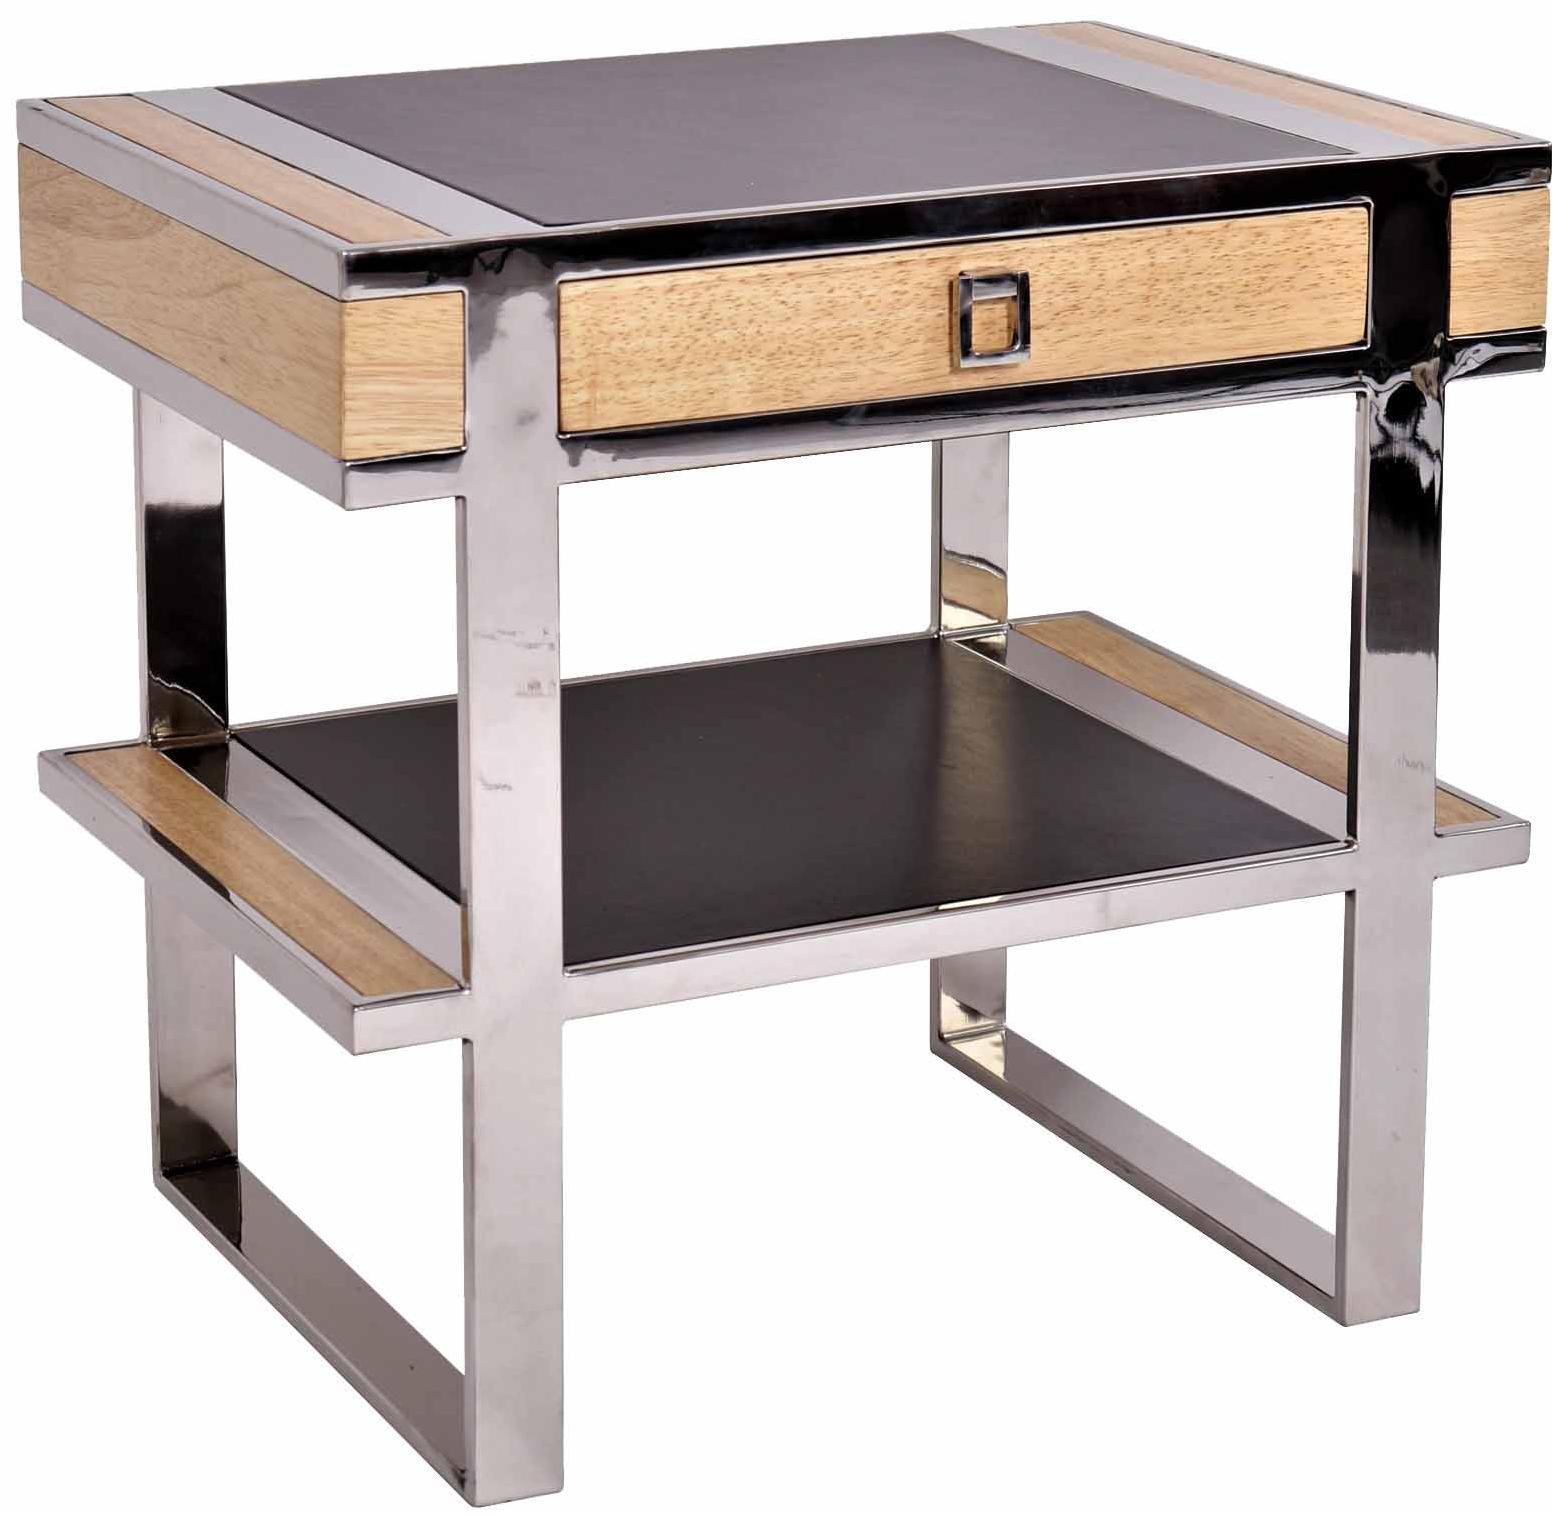 konsole inox und holz mit schublade. Black Bedroom Furniture Sets. Home Design Ideas